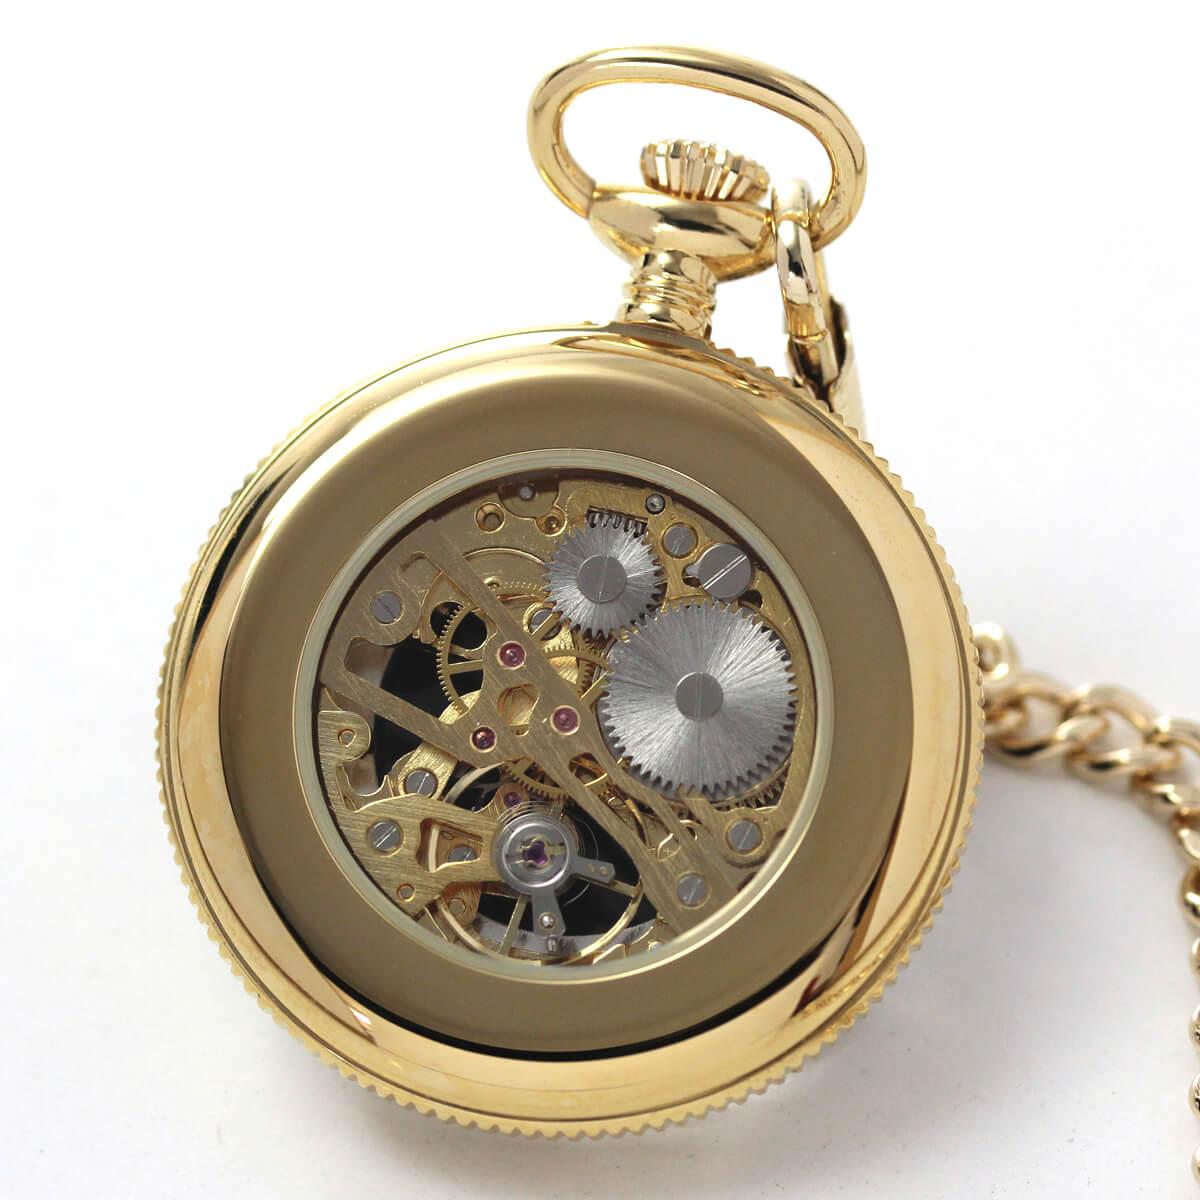 ROYAL LONDON(ロイヤルロンドン) 手巻きスケルトン懐中時計 90002-02 本体裏側